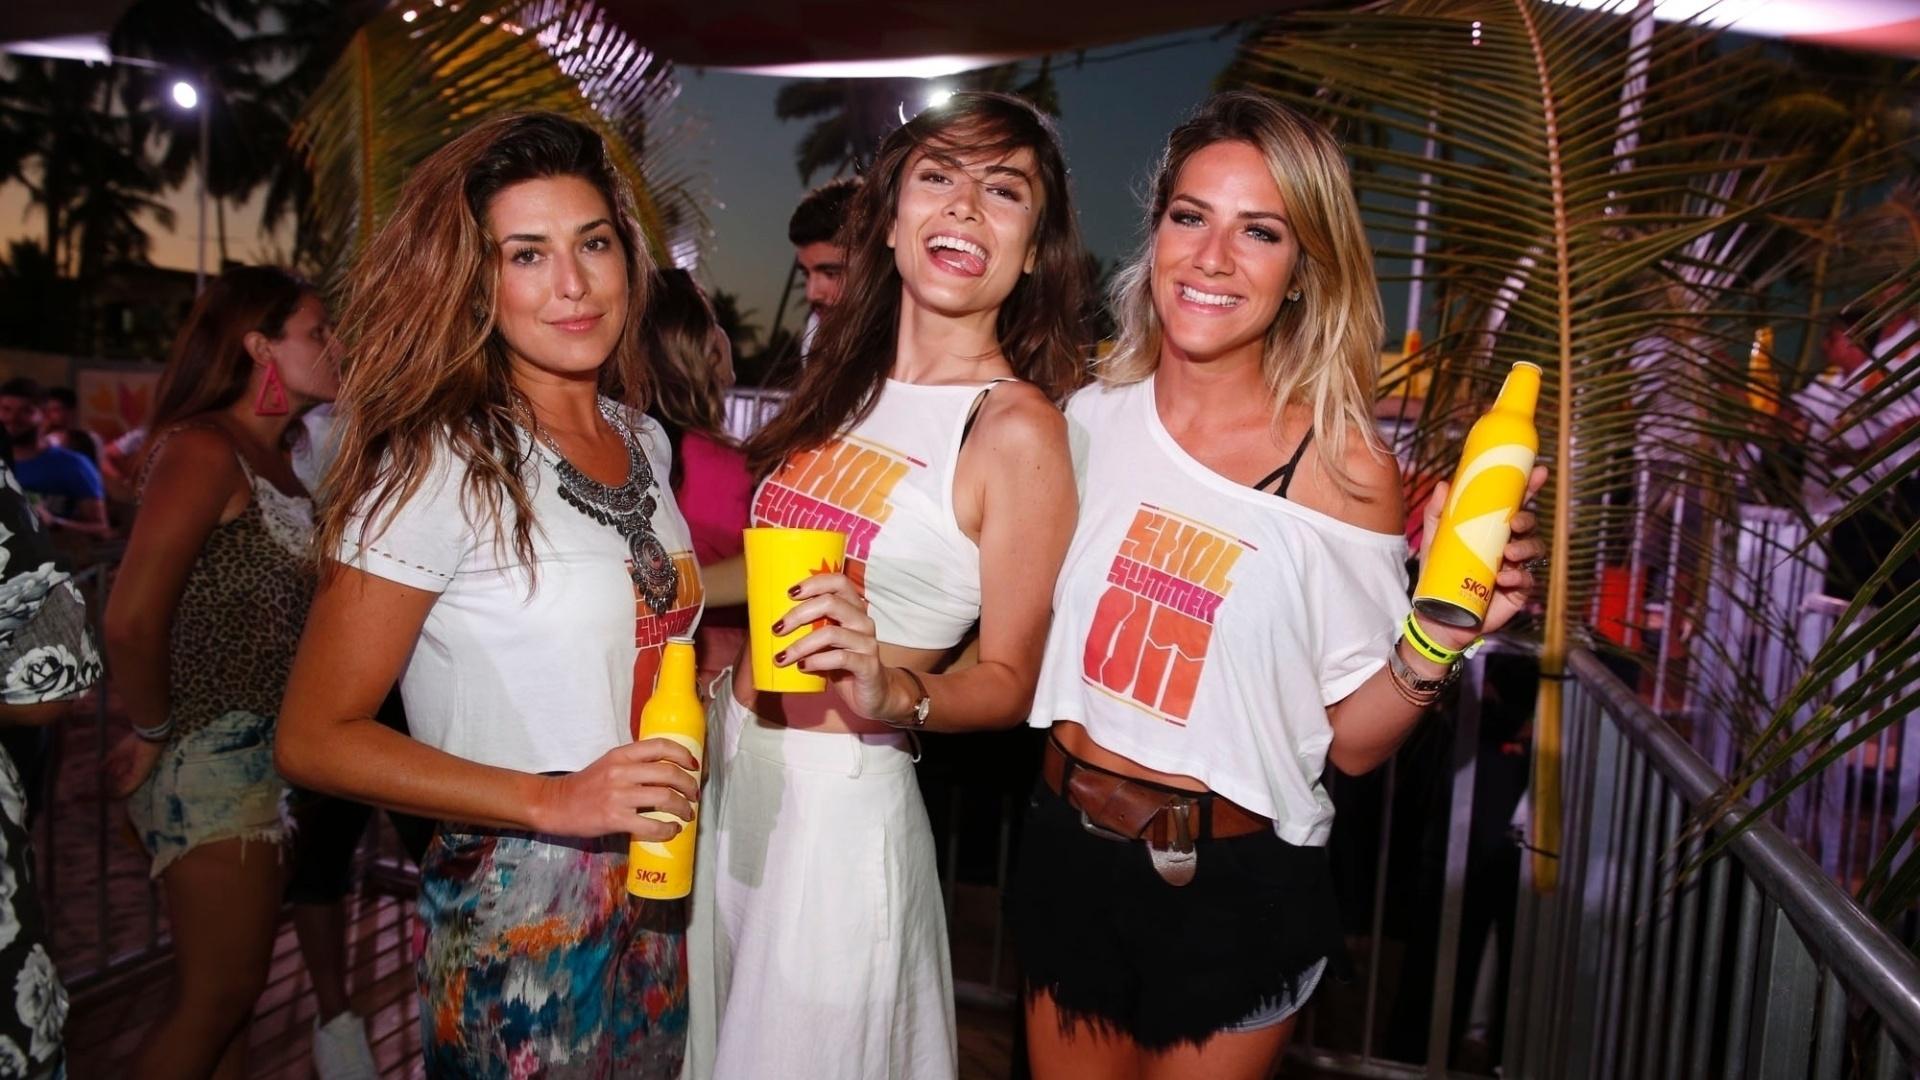 3.jan.2015 - As musas Fernanda Paes Leme, Maria Casadevall e Giovanna Ewbank curtem a noite pernambucana